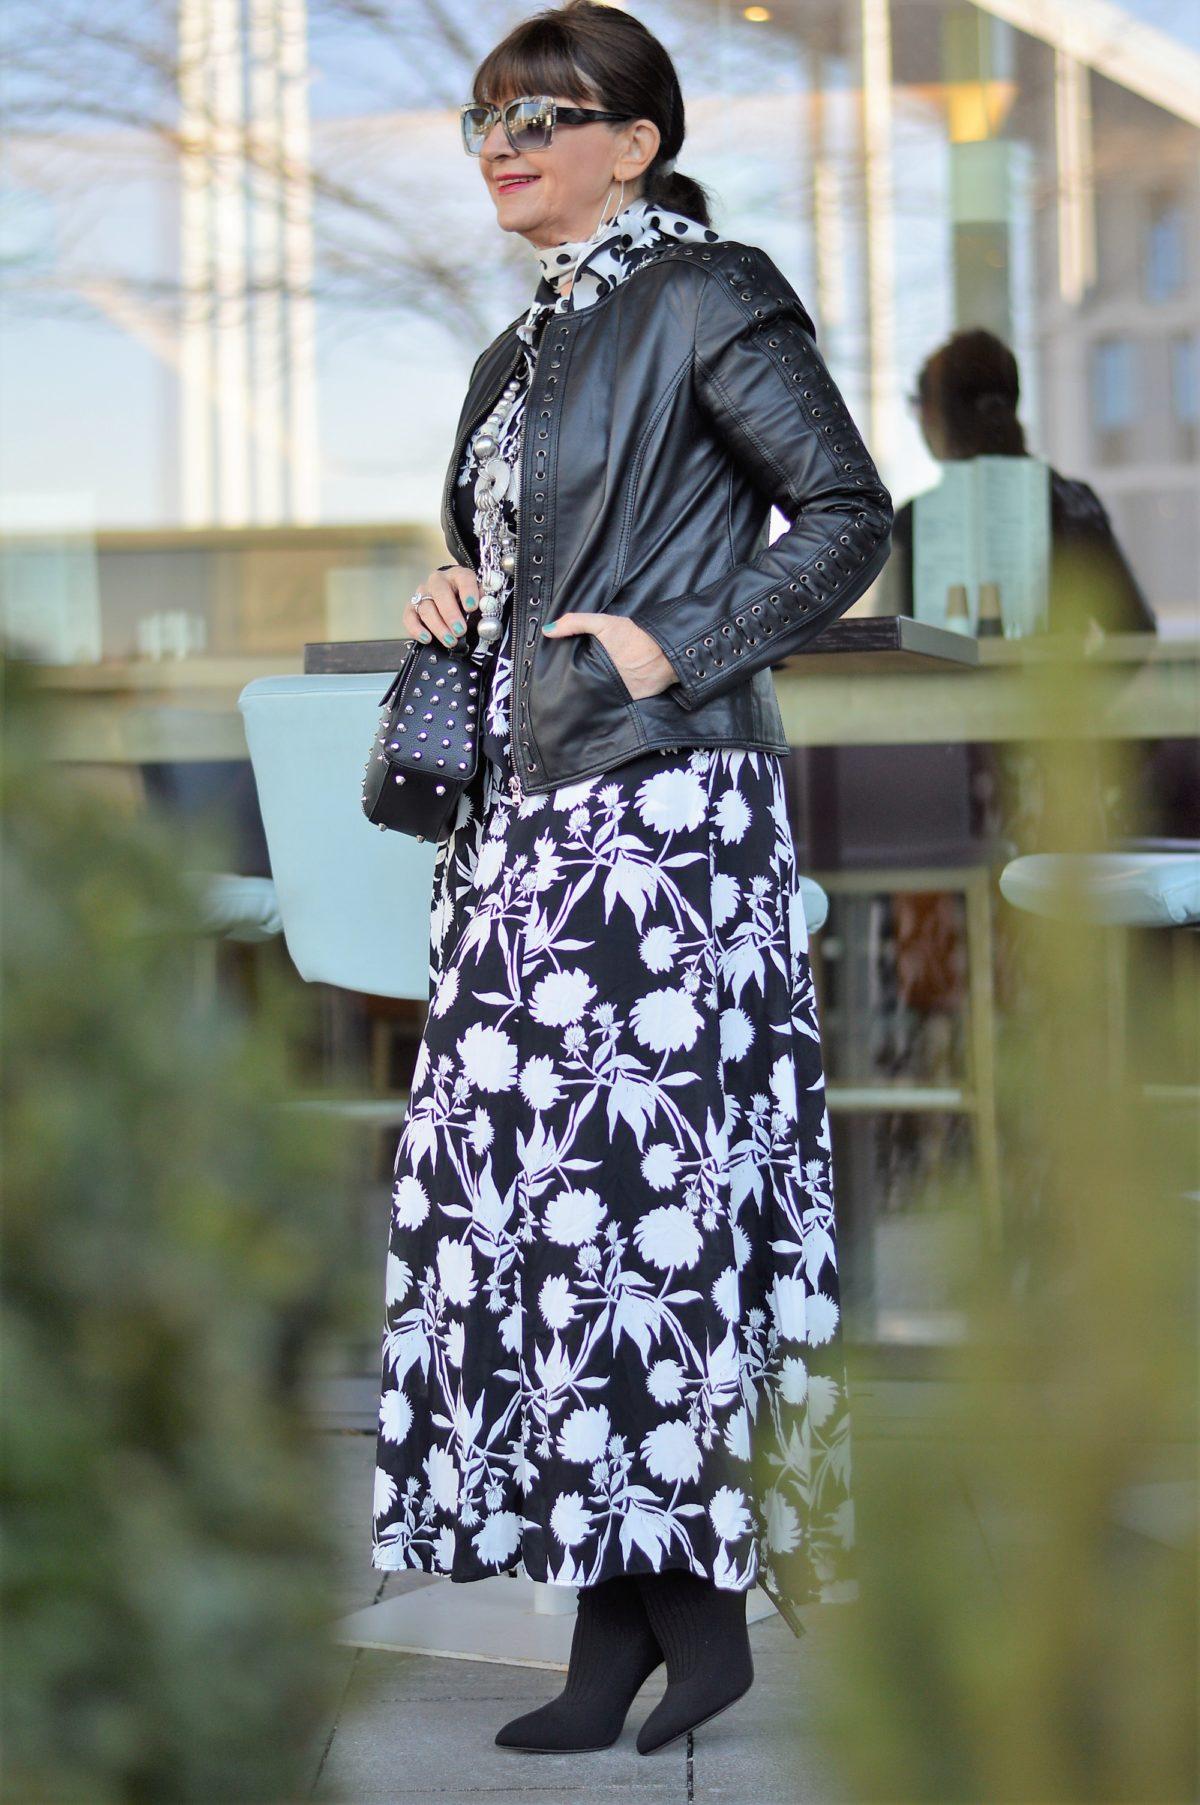 Zara Kleid mit Lederjacke